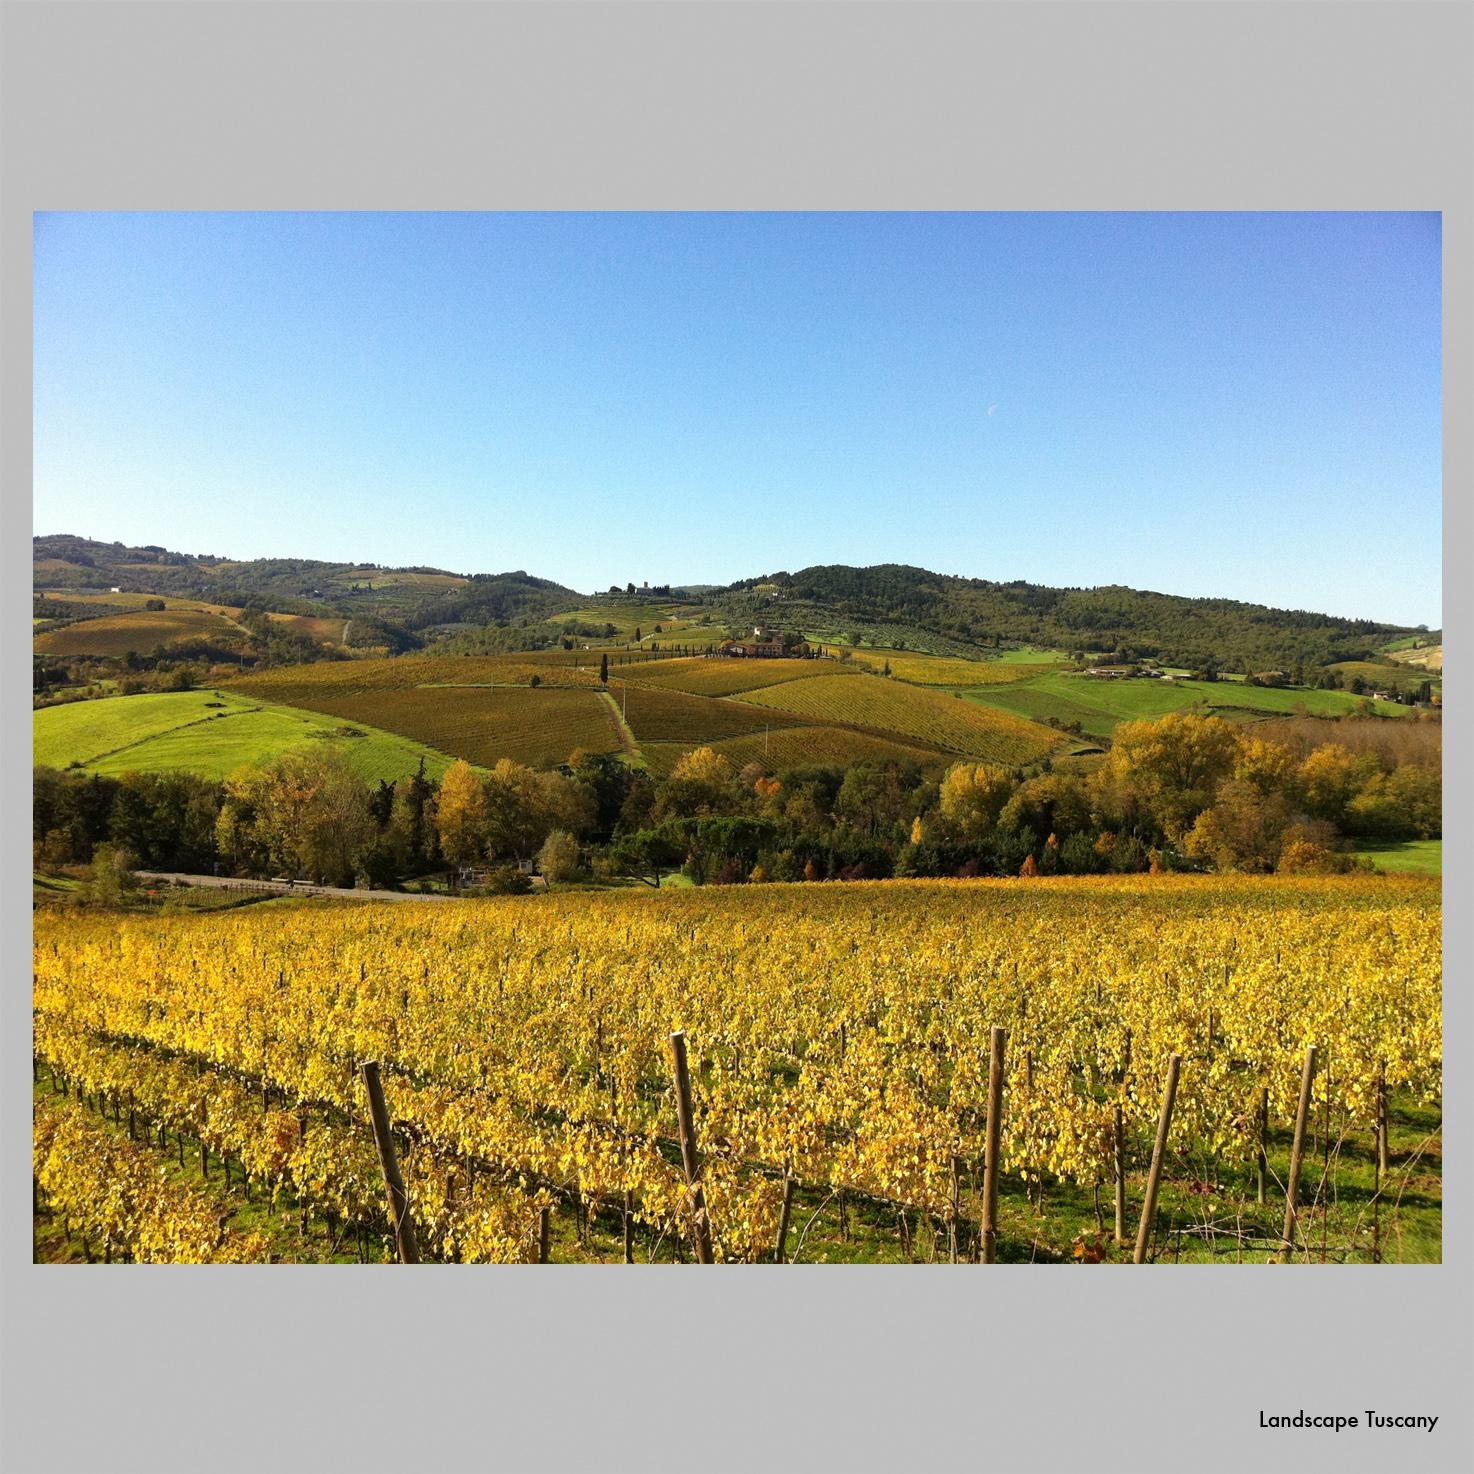 Landscape_Tuscany.jpg